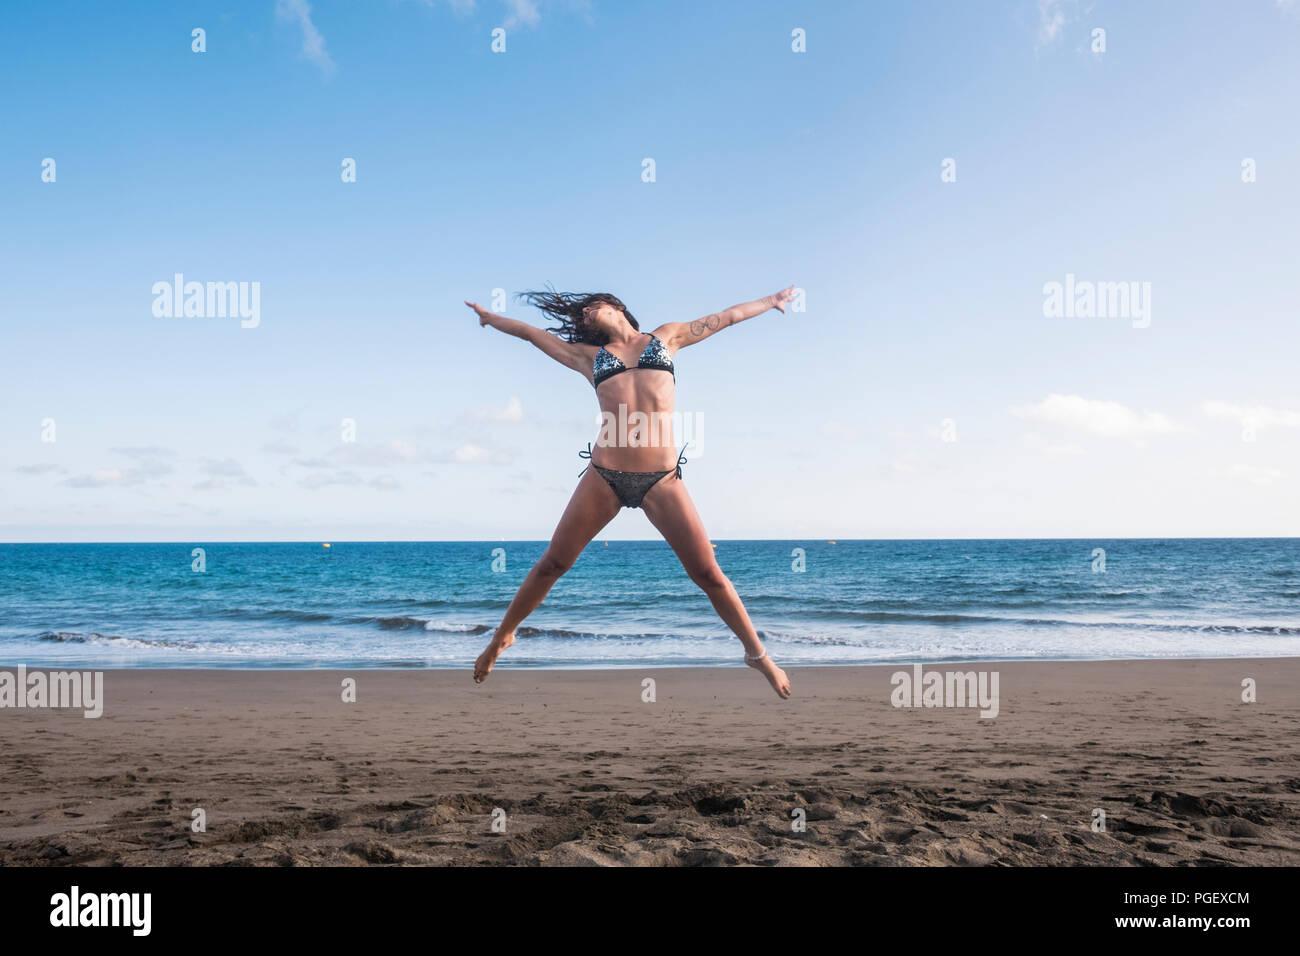 Hermoso body fitness lifestyle joven saltar lleno de felicidad en la playa cerca de la orilla y las olas del océano azul verano divertido y alegre. Imagen De Stock